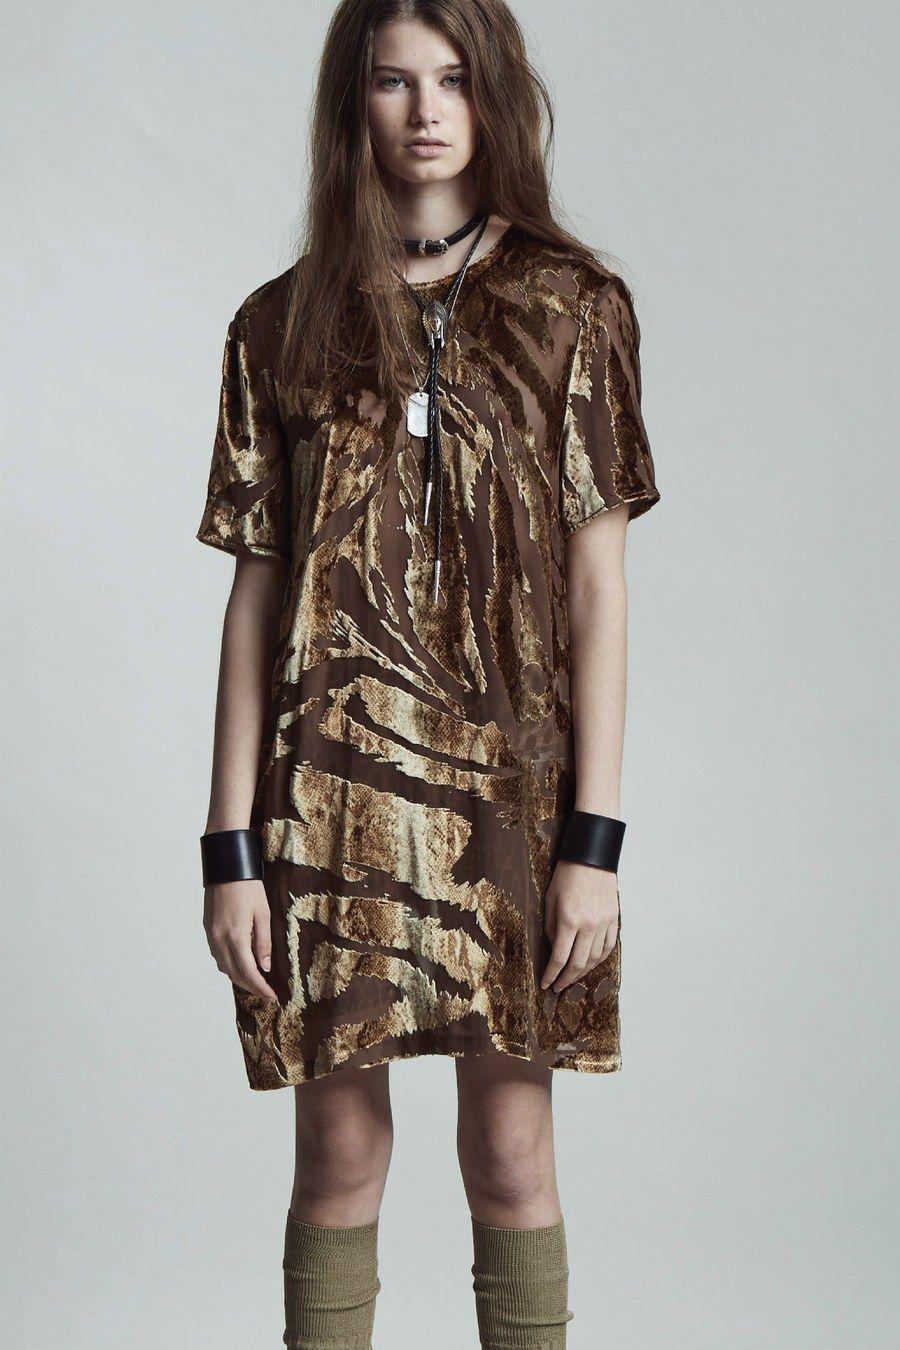 R13 Resort 2020 Fashion Show (с изображениями) Модные